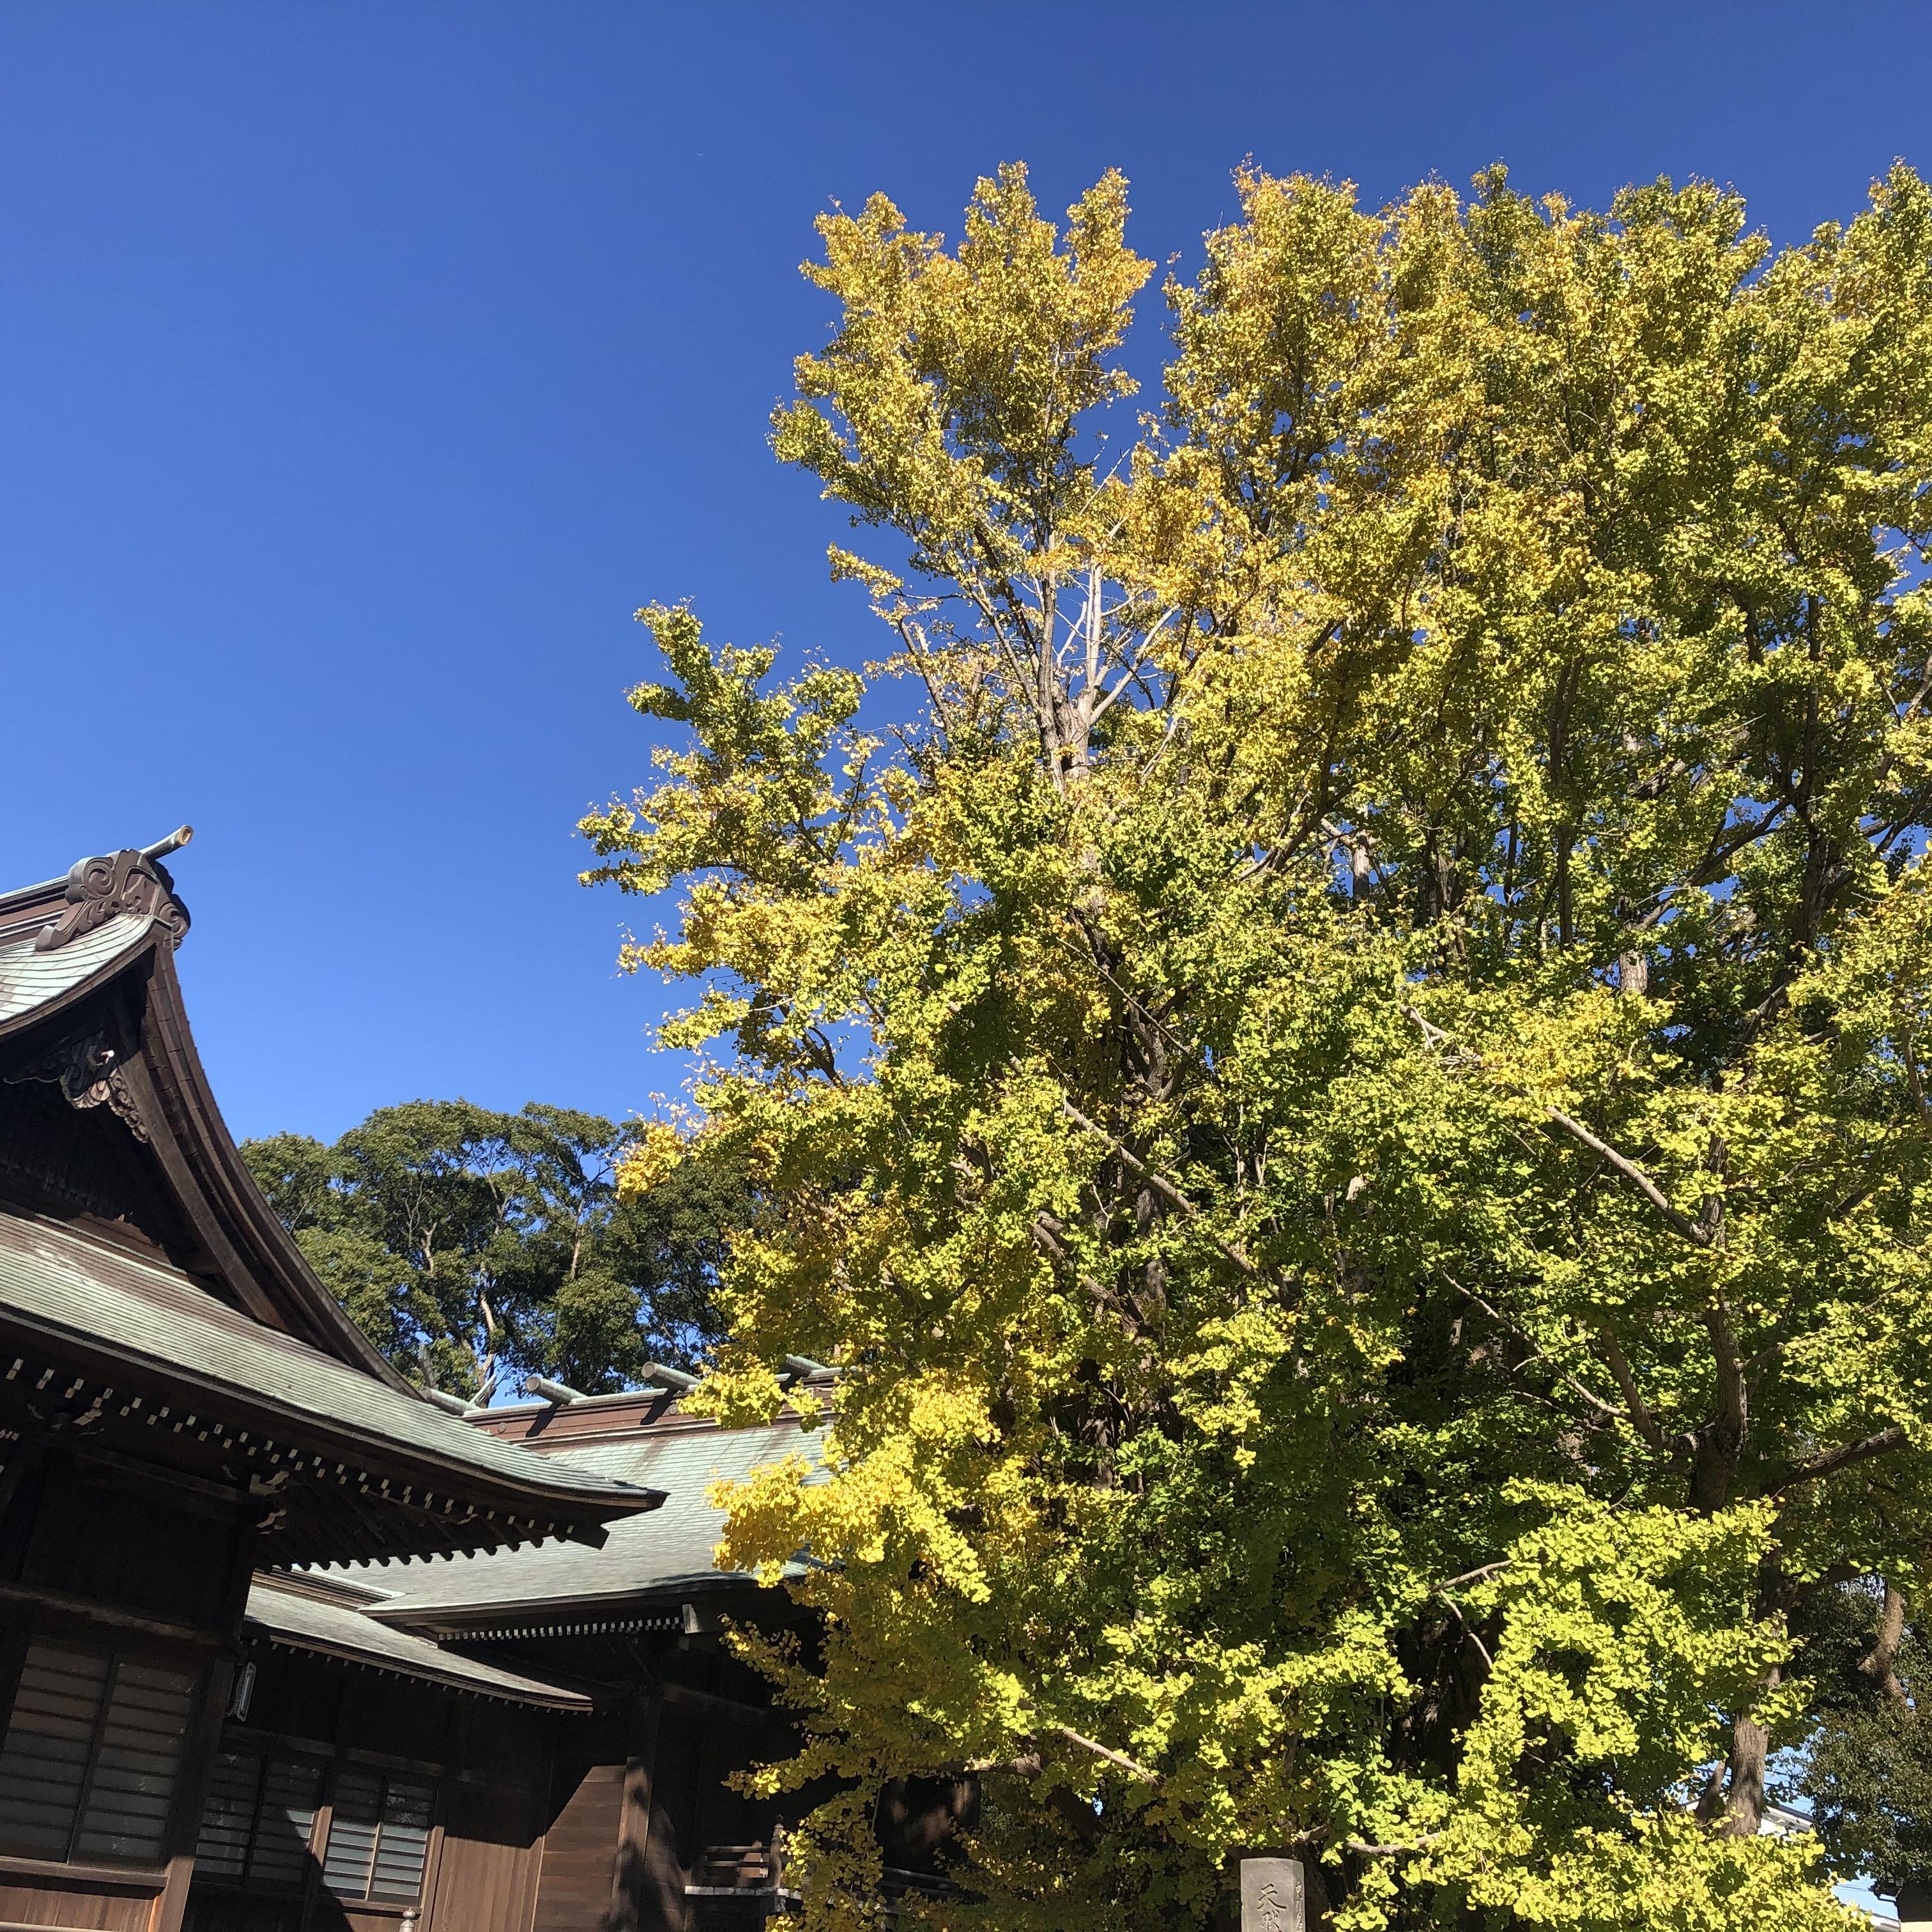 八幡神社の大銀杏 2020年11月